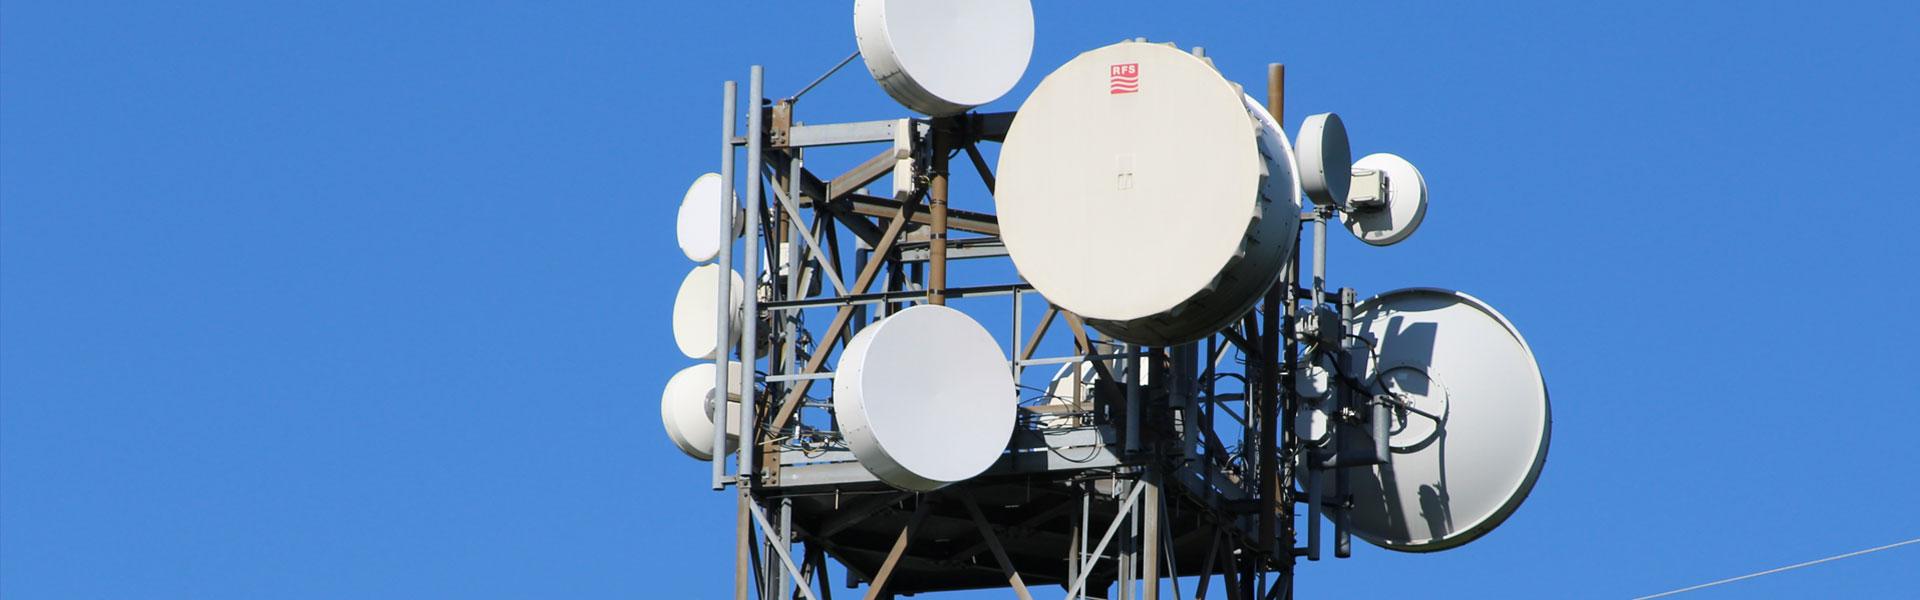 Internet radiowy